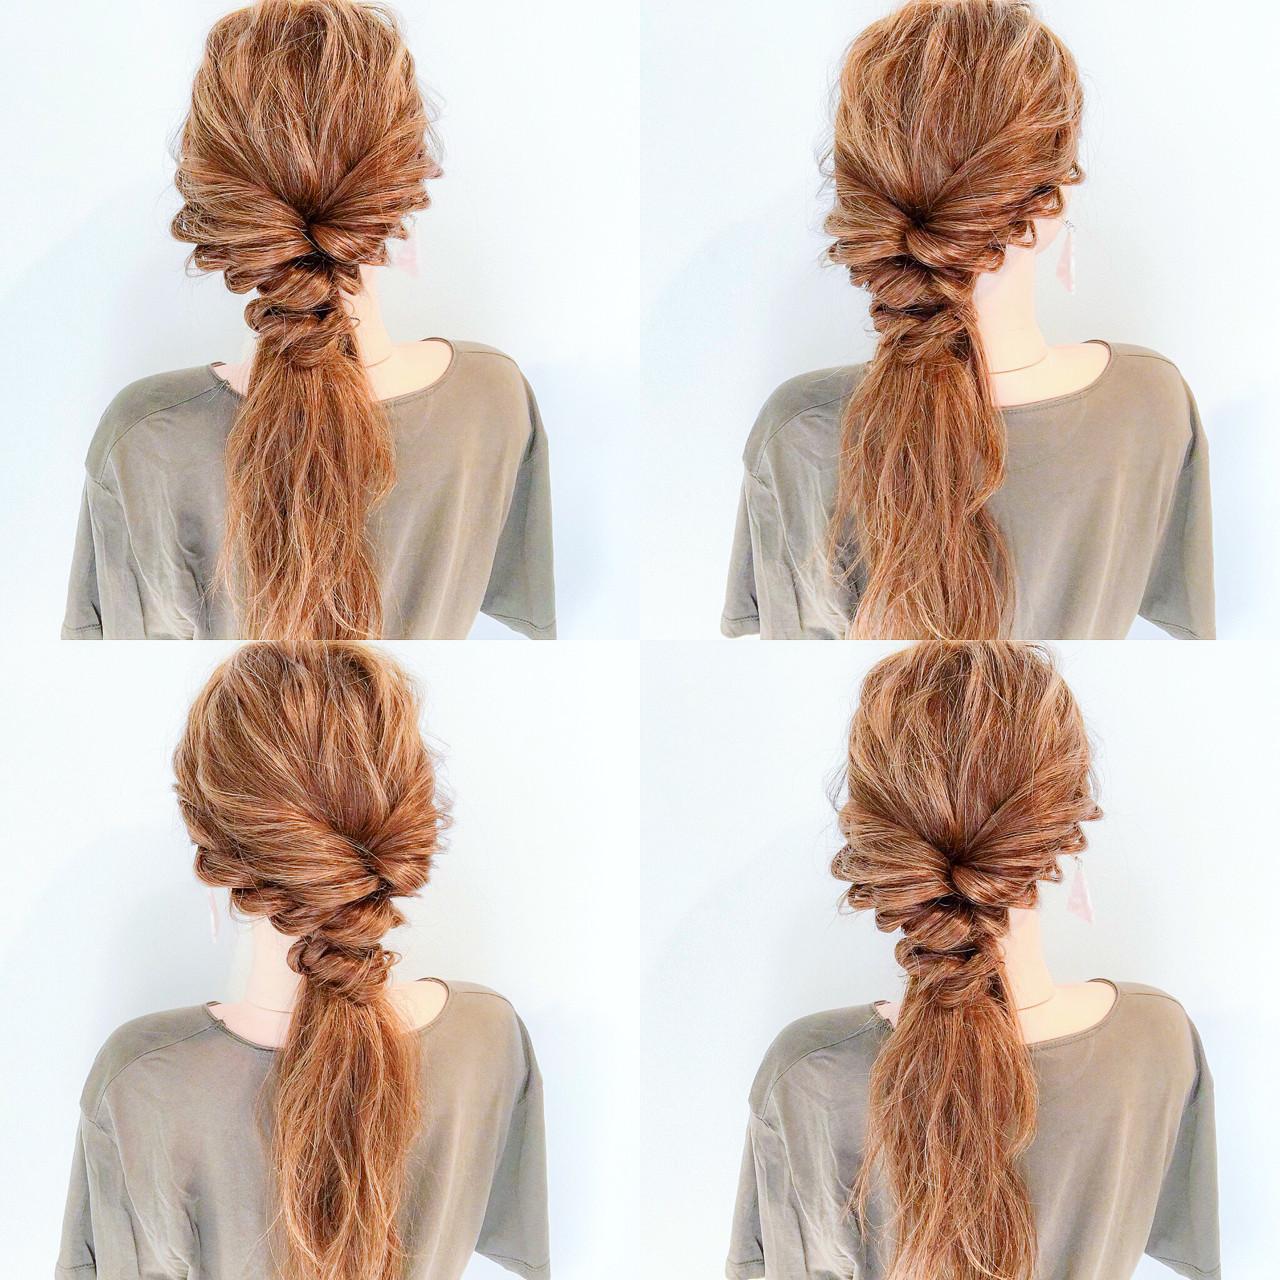 アウトドア 簡単ヘアアレンジ 上品 エレガント ヘアスタイルや髪型の写真・画像